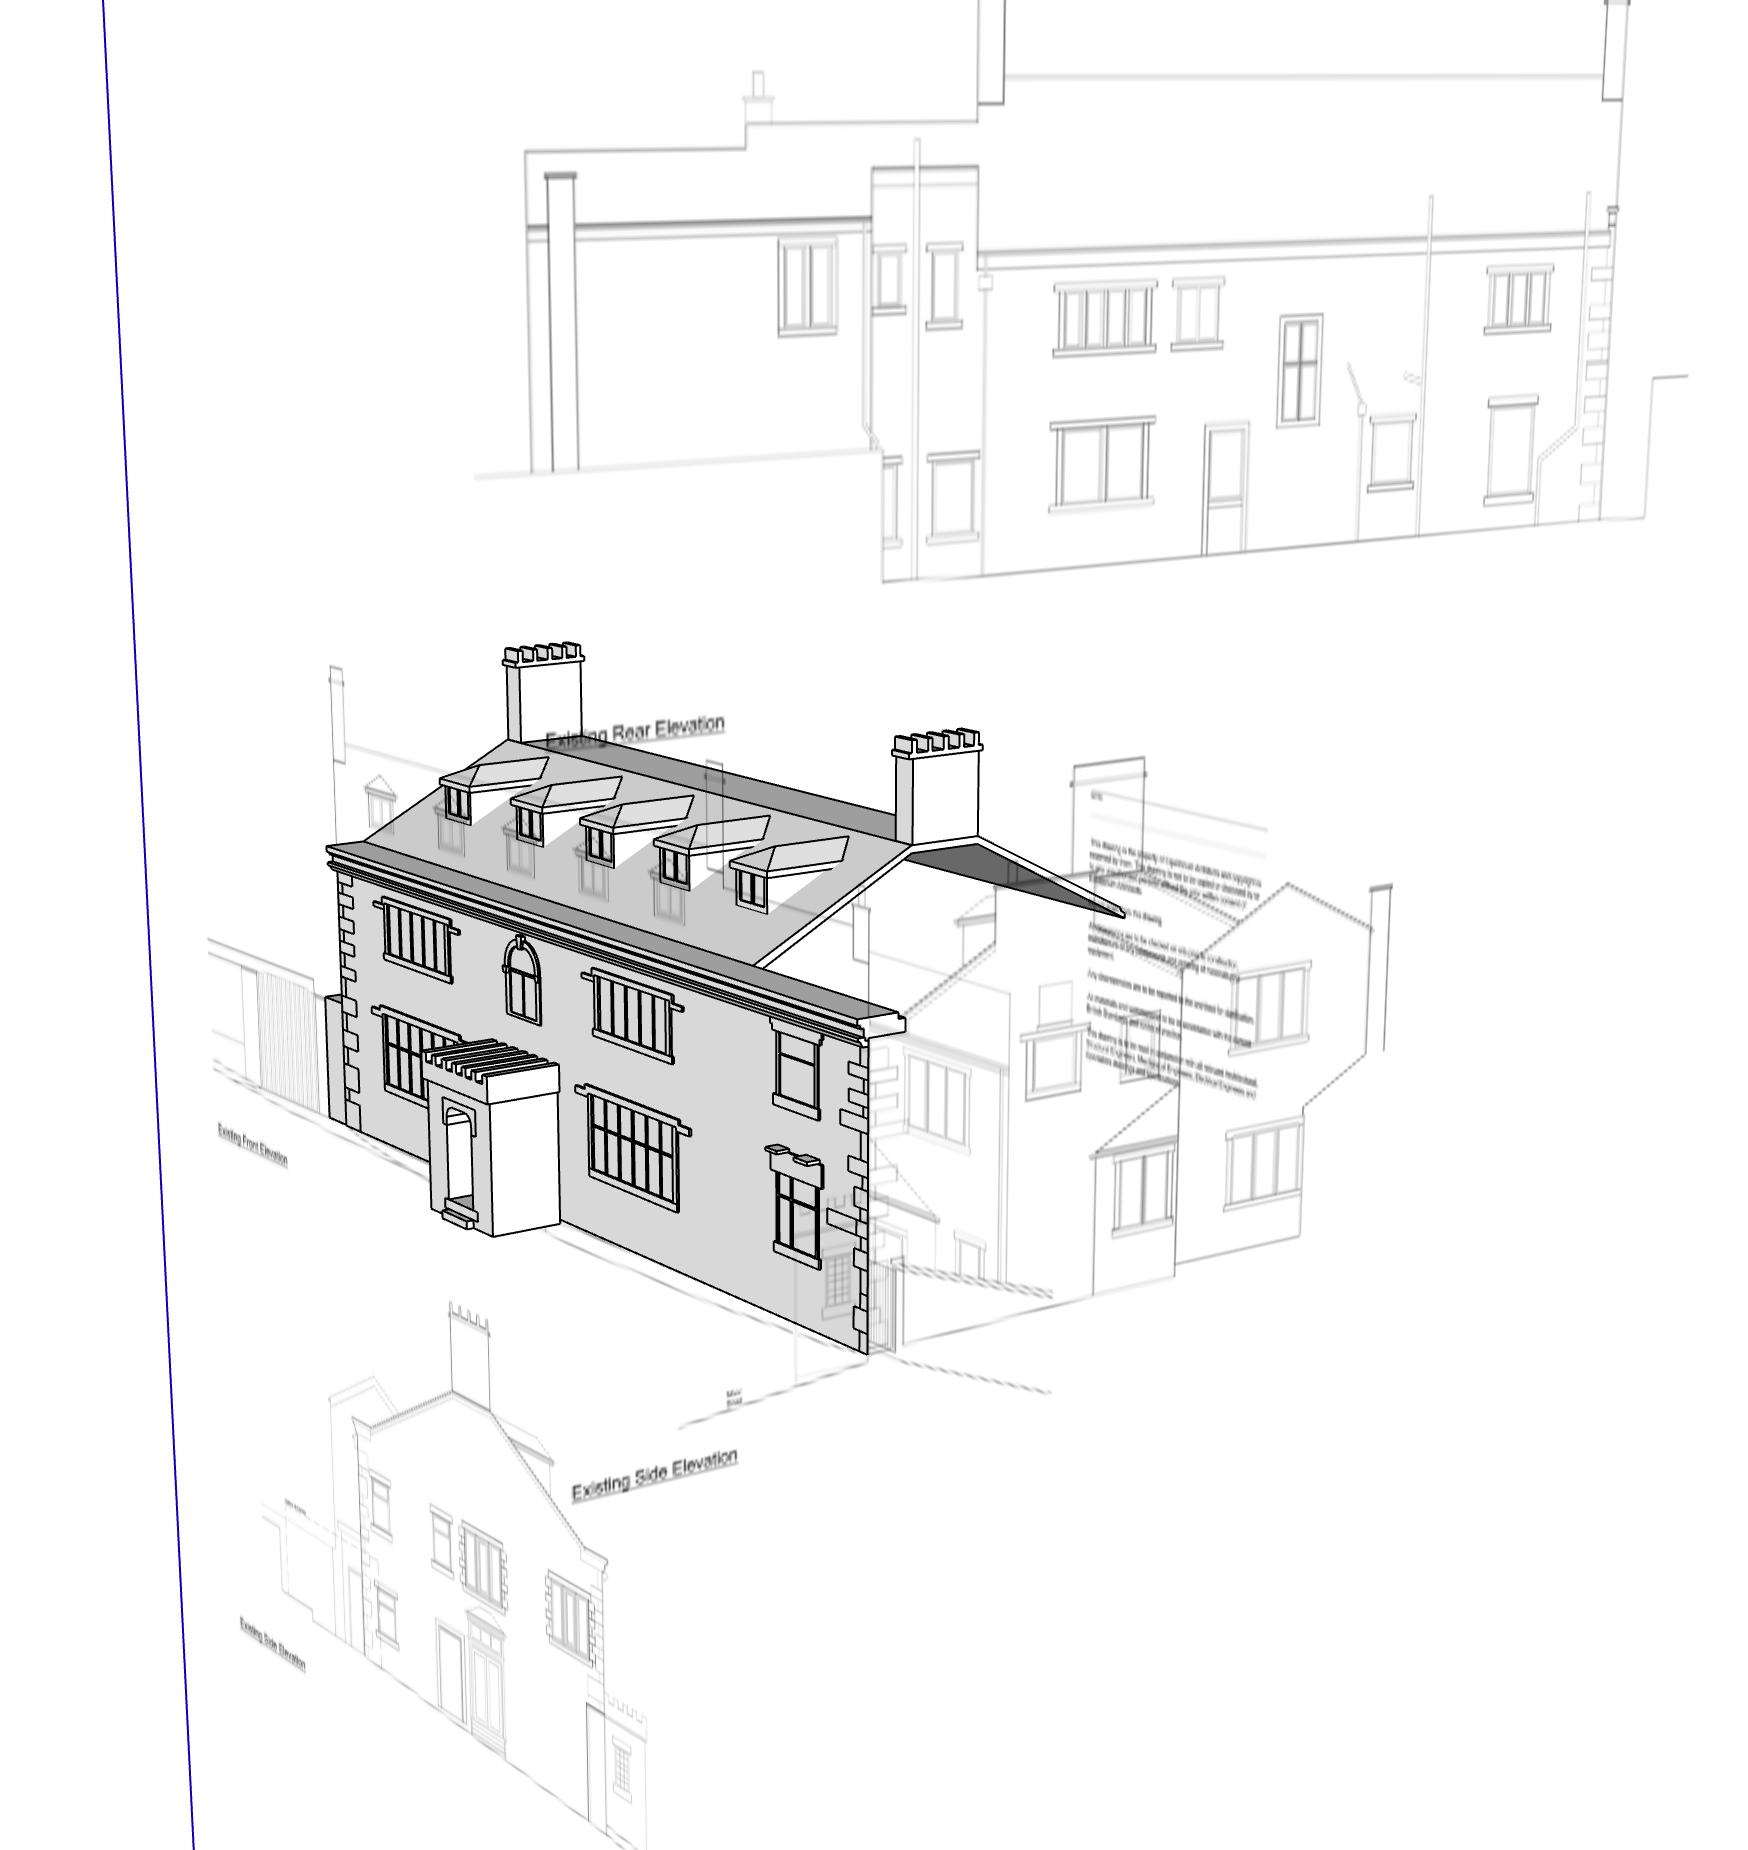 Landscape detailing of property using sketchup for landscape design by Warnes- McGarr & Co.